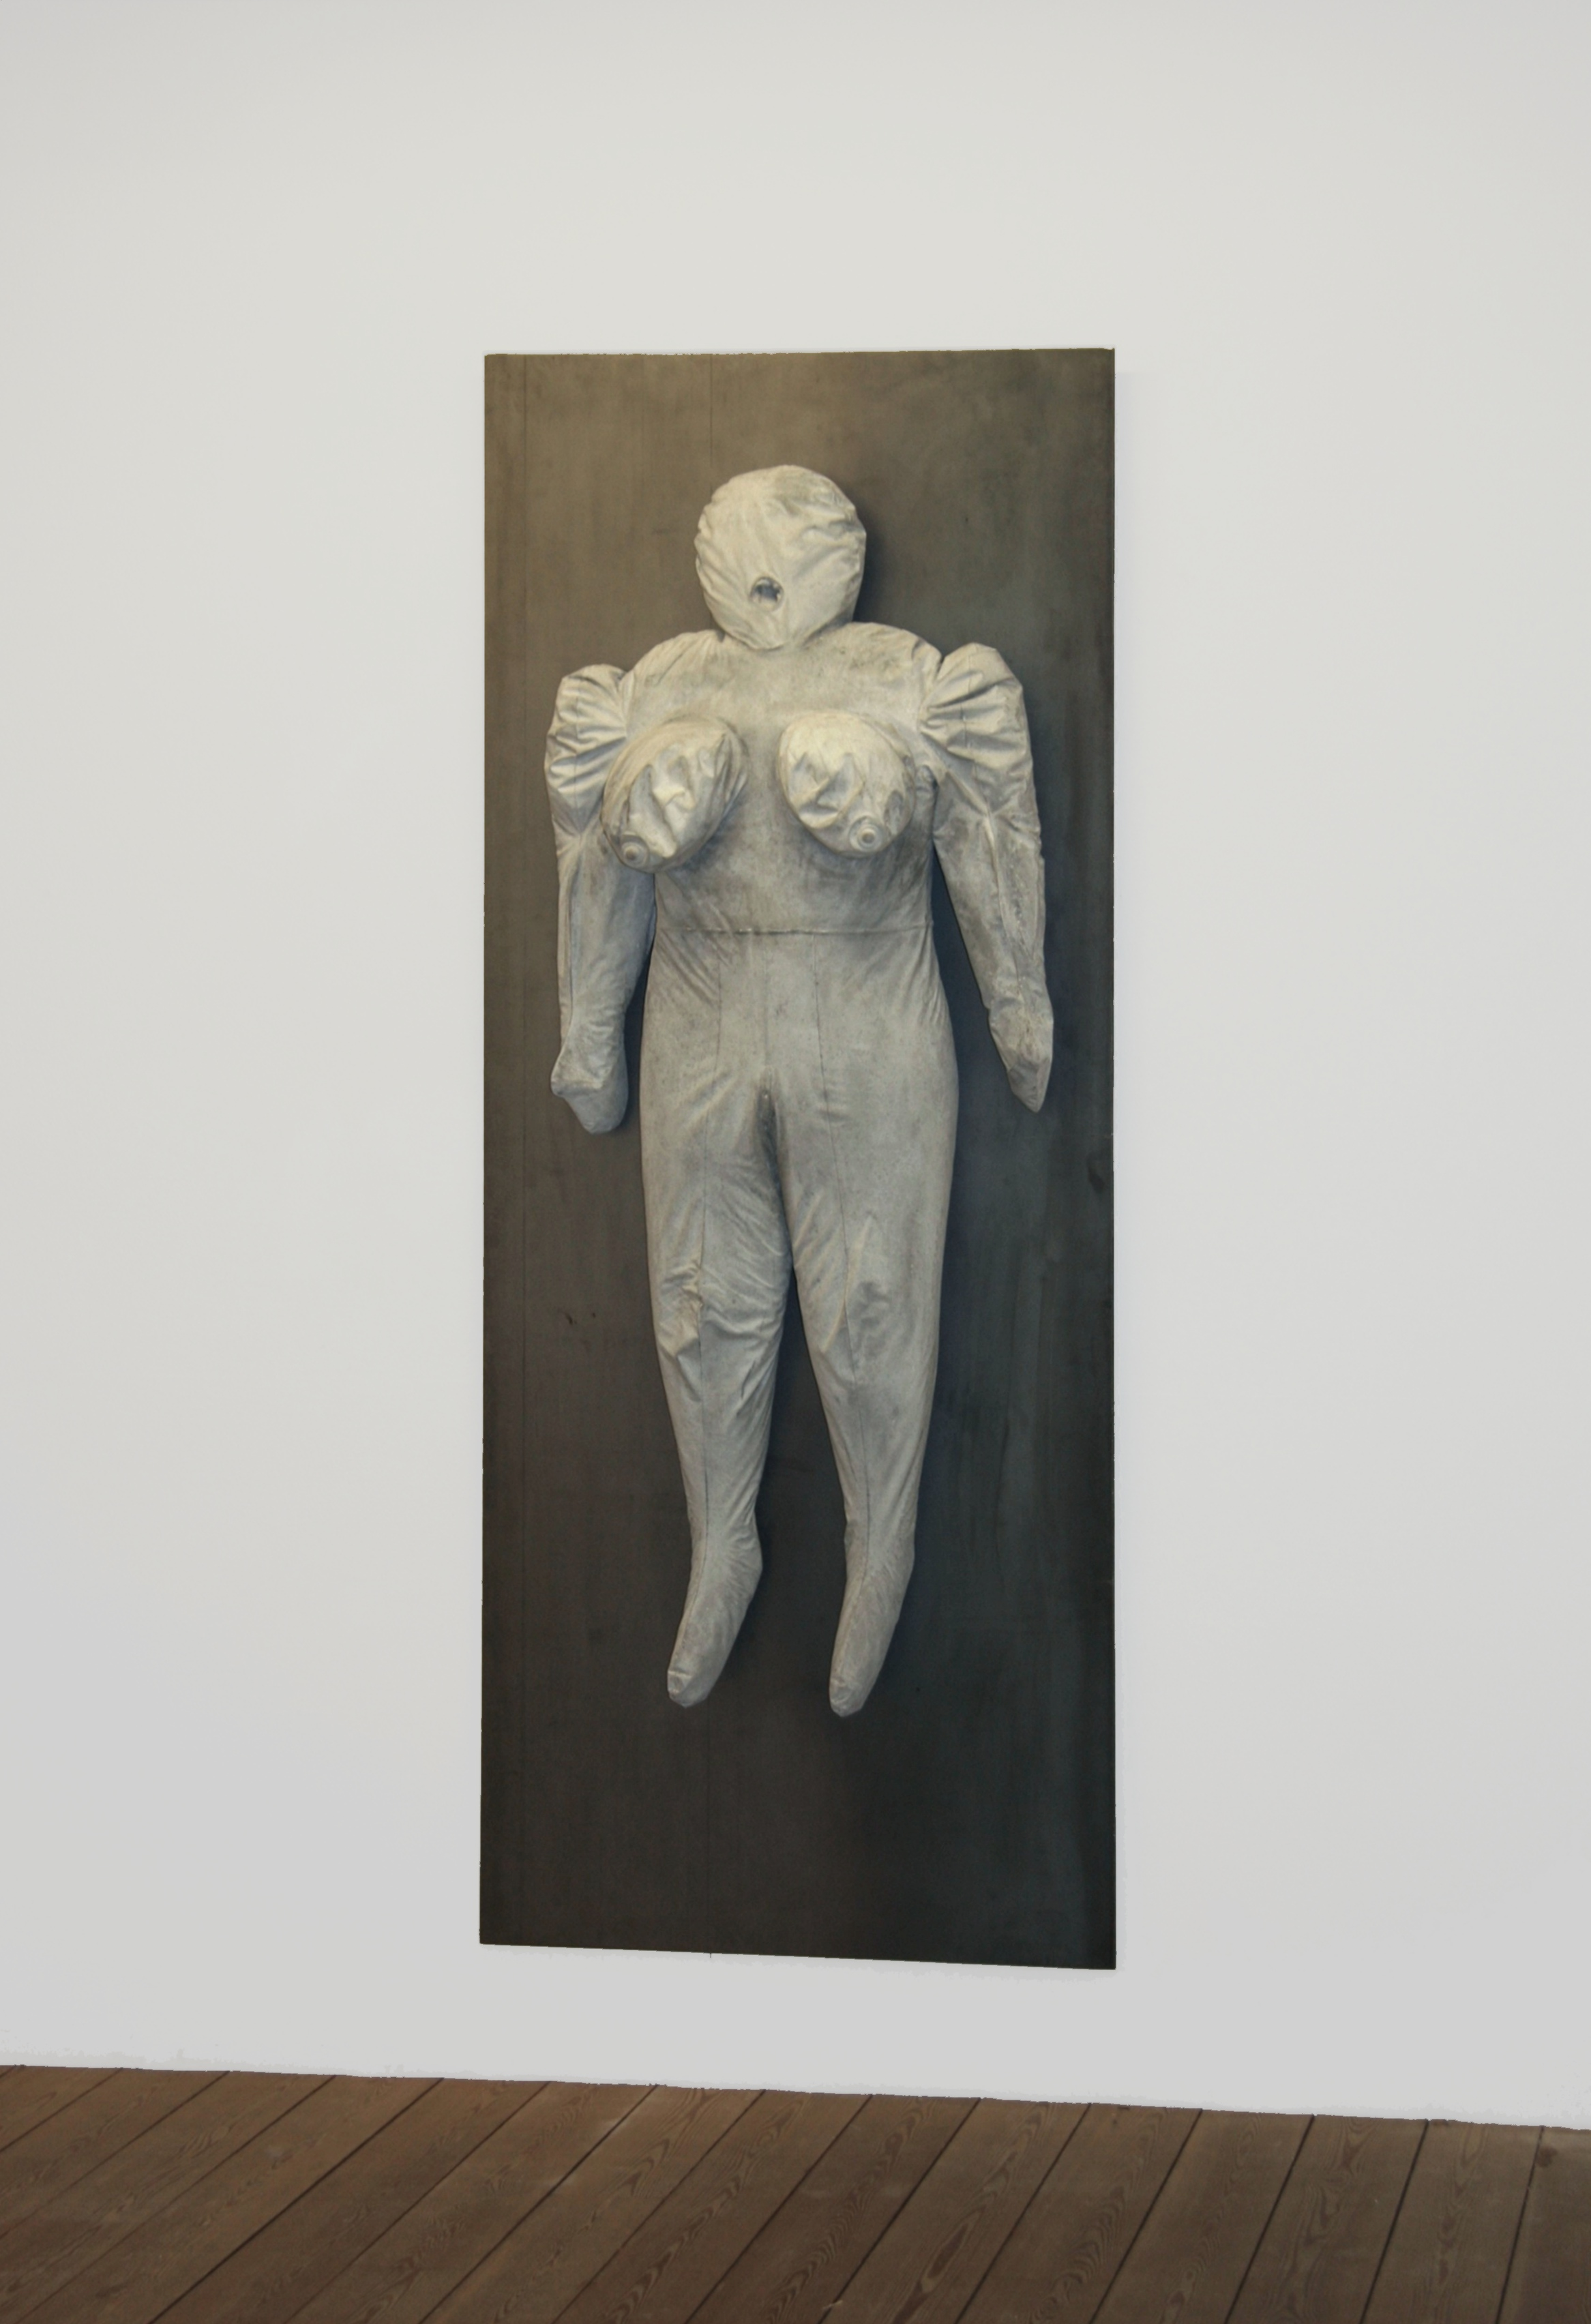 2013 Die Welt der Dinge, Kunst Meran